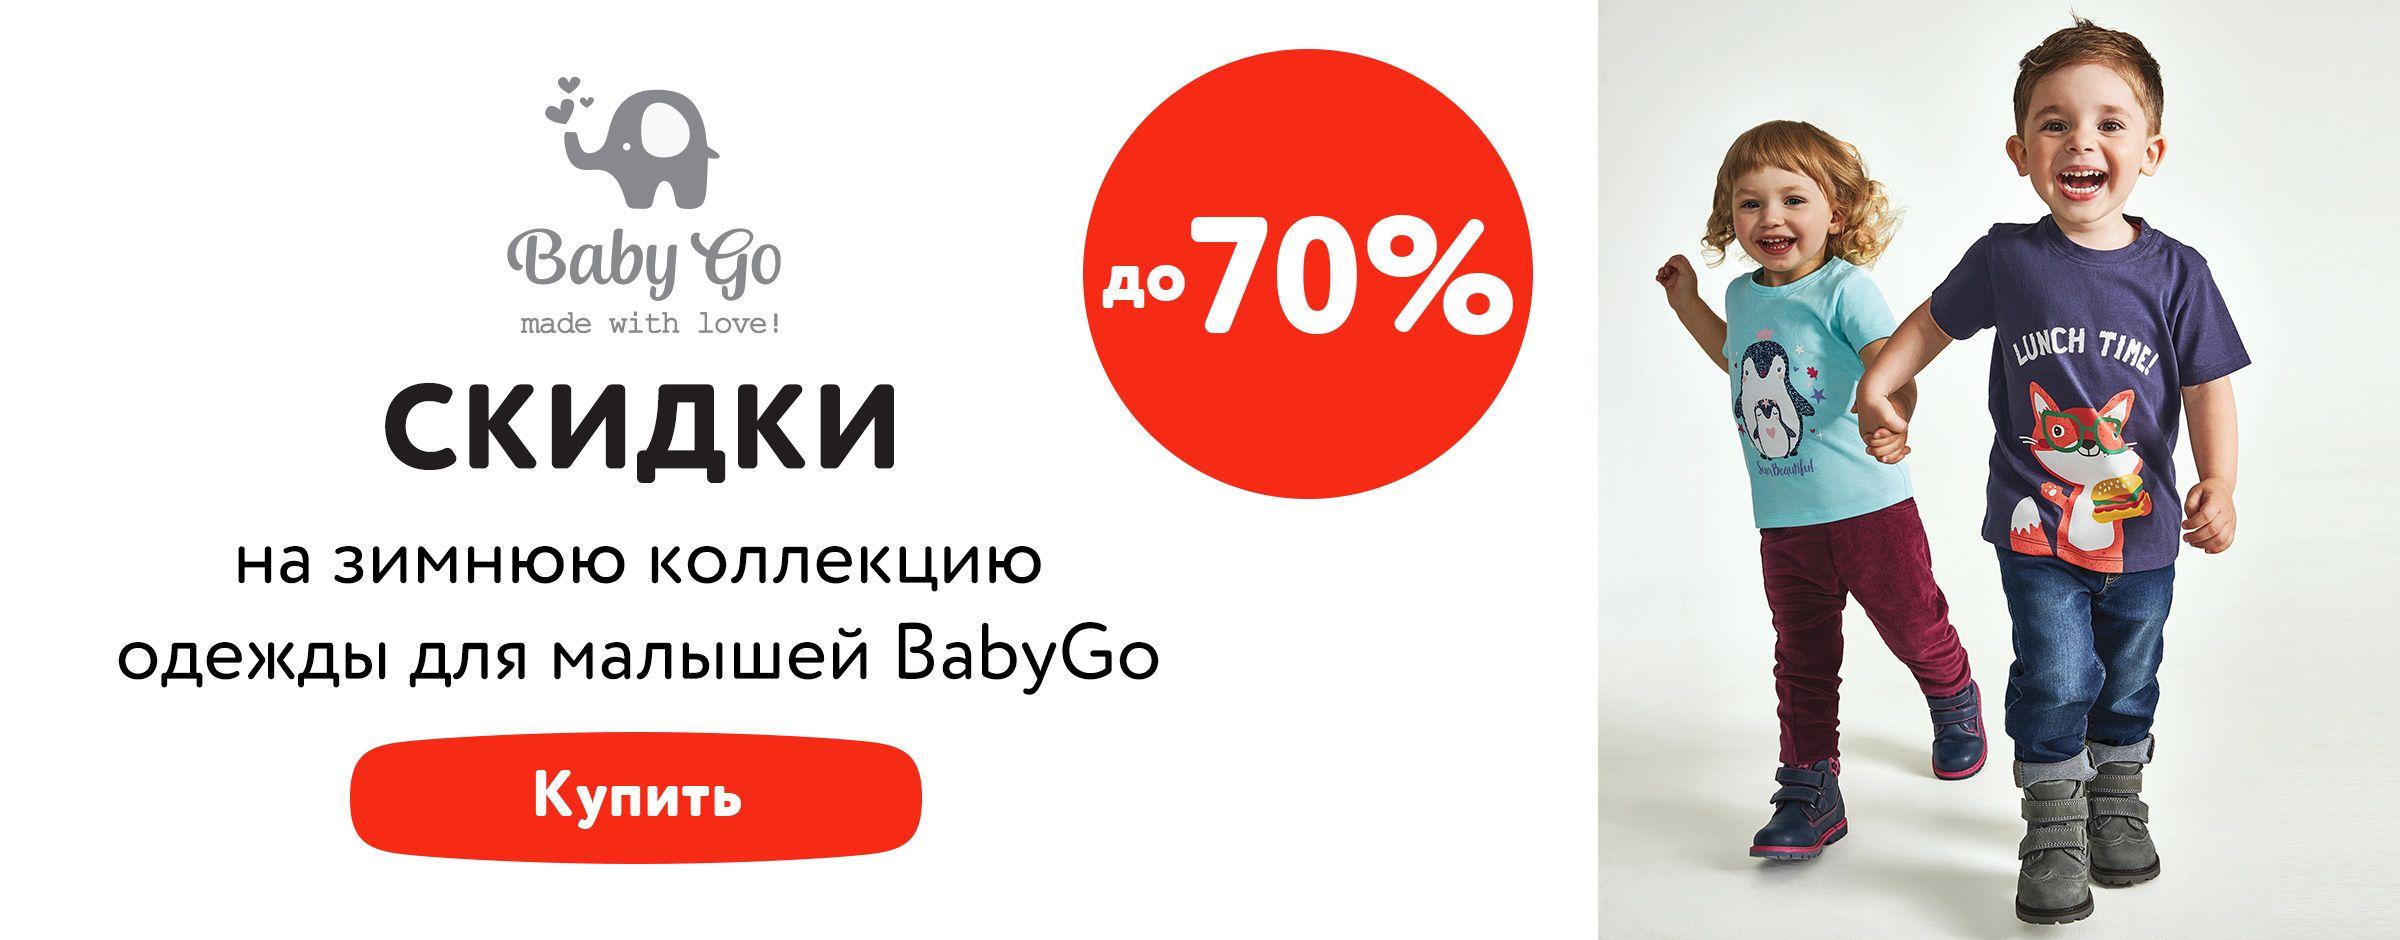 До 70% на зимнюю коллекцию одежды для малышей BabyGo статика + категория